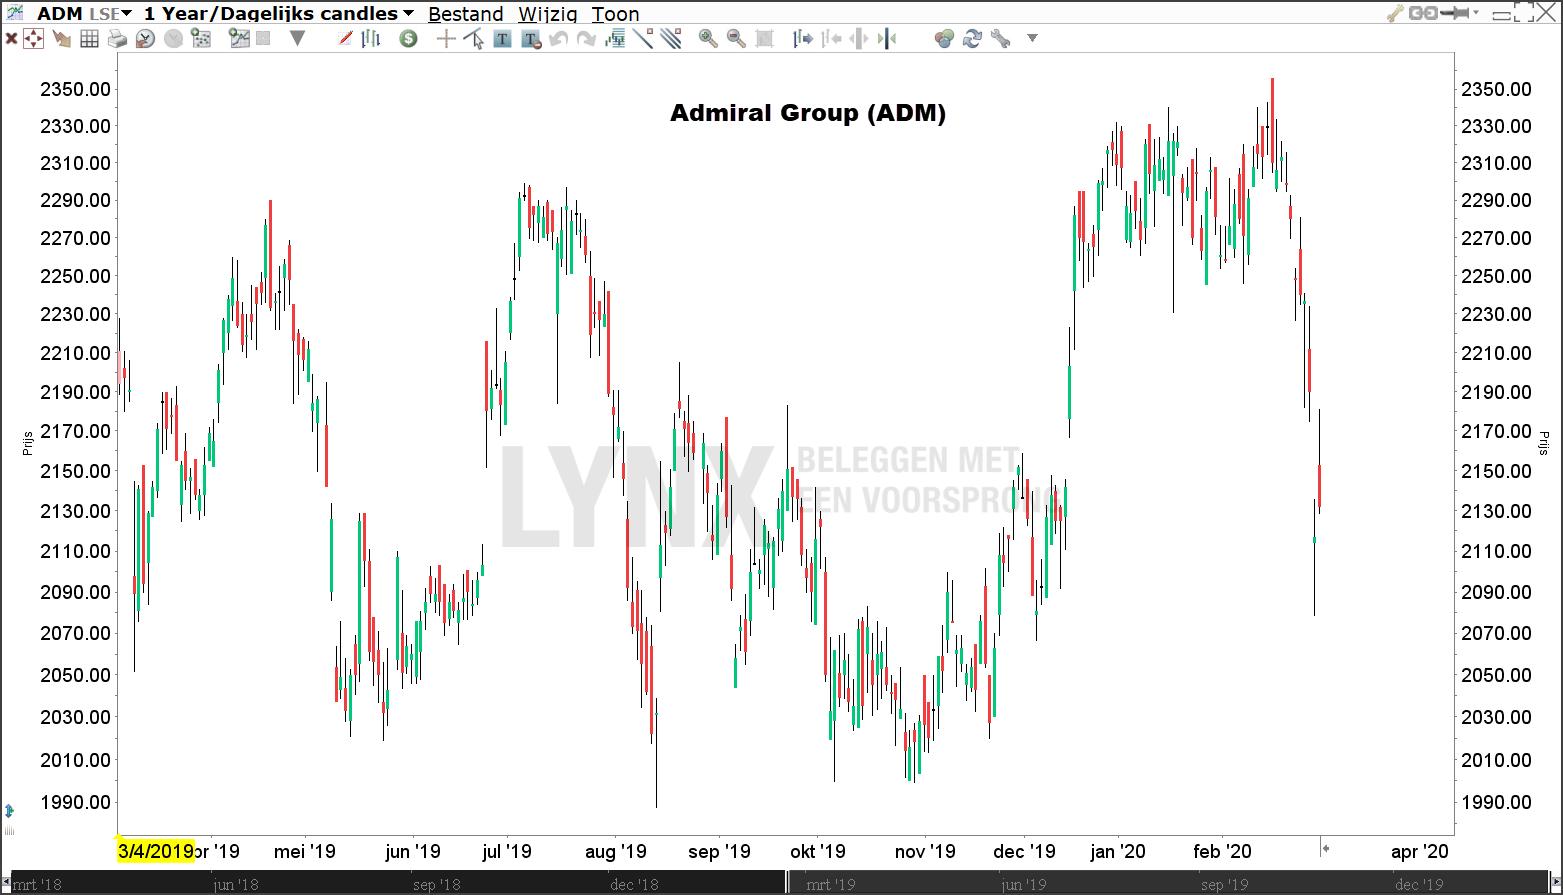 Crisis aandeel Admiral Group